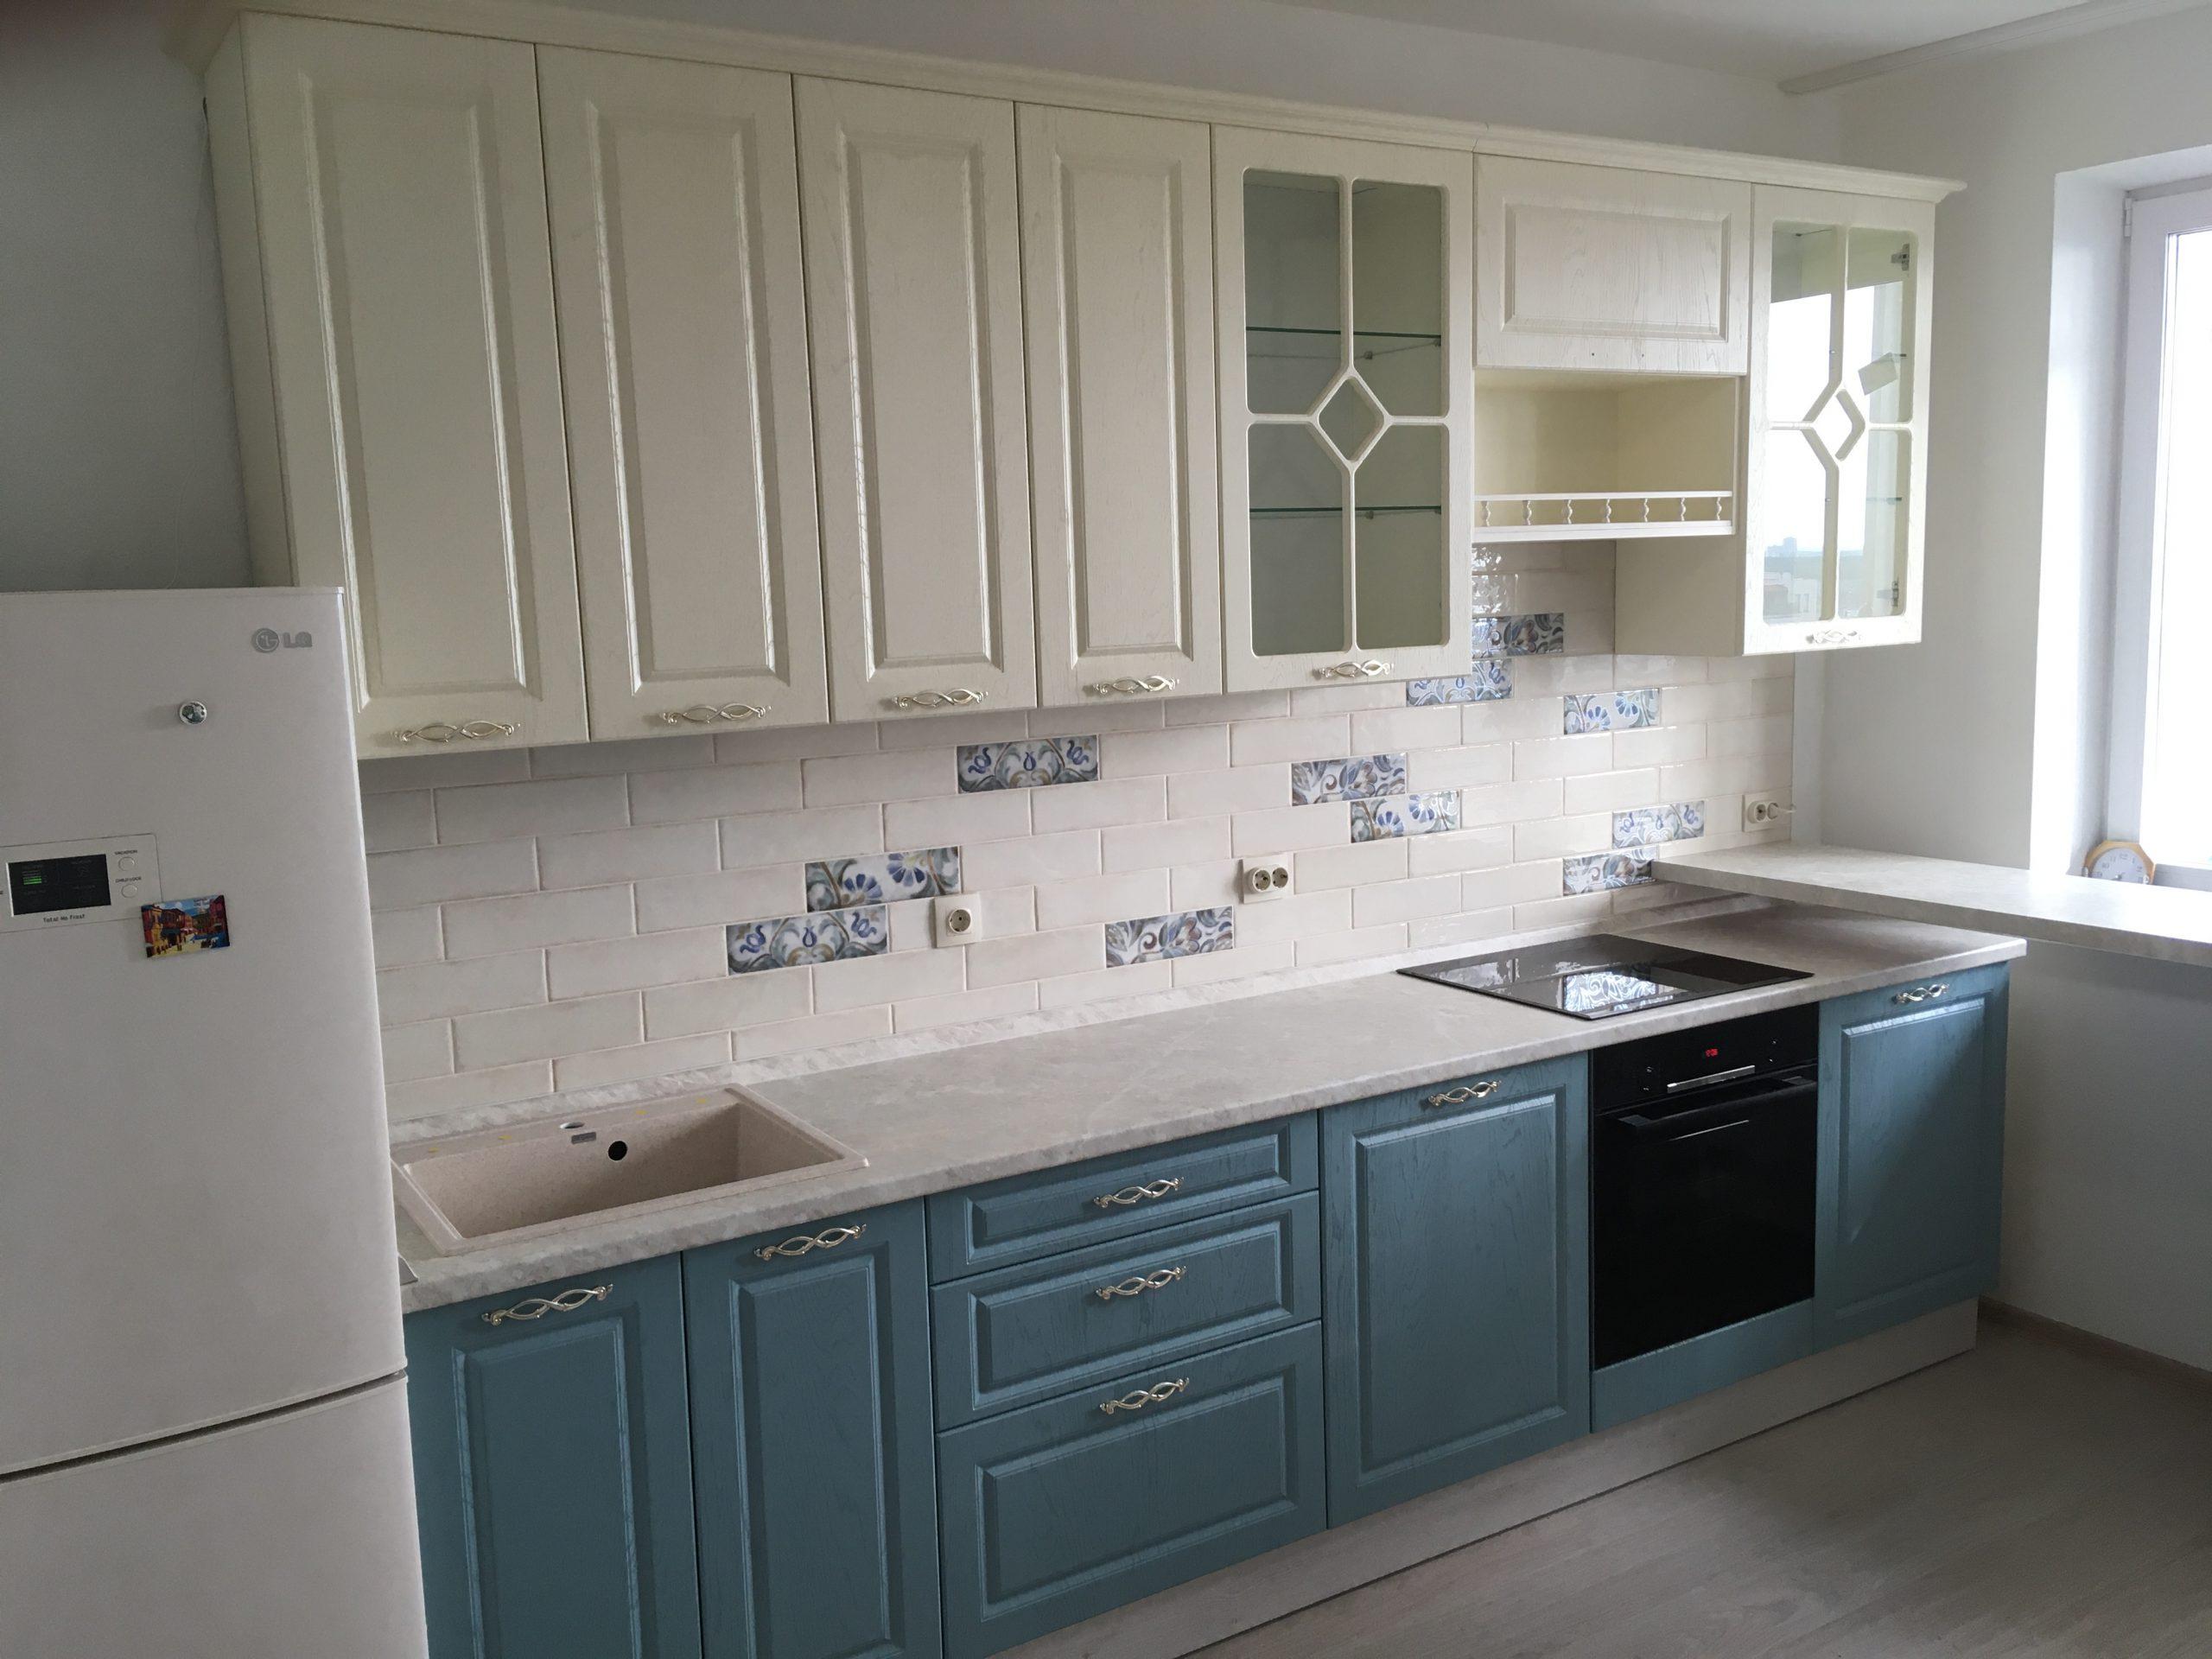 Первое фото Кухня с витринами и белыми и голубыми под дерево фасадами